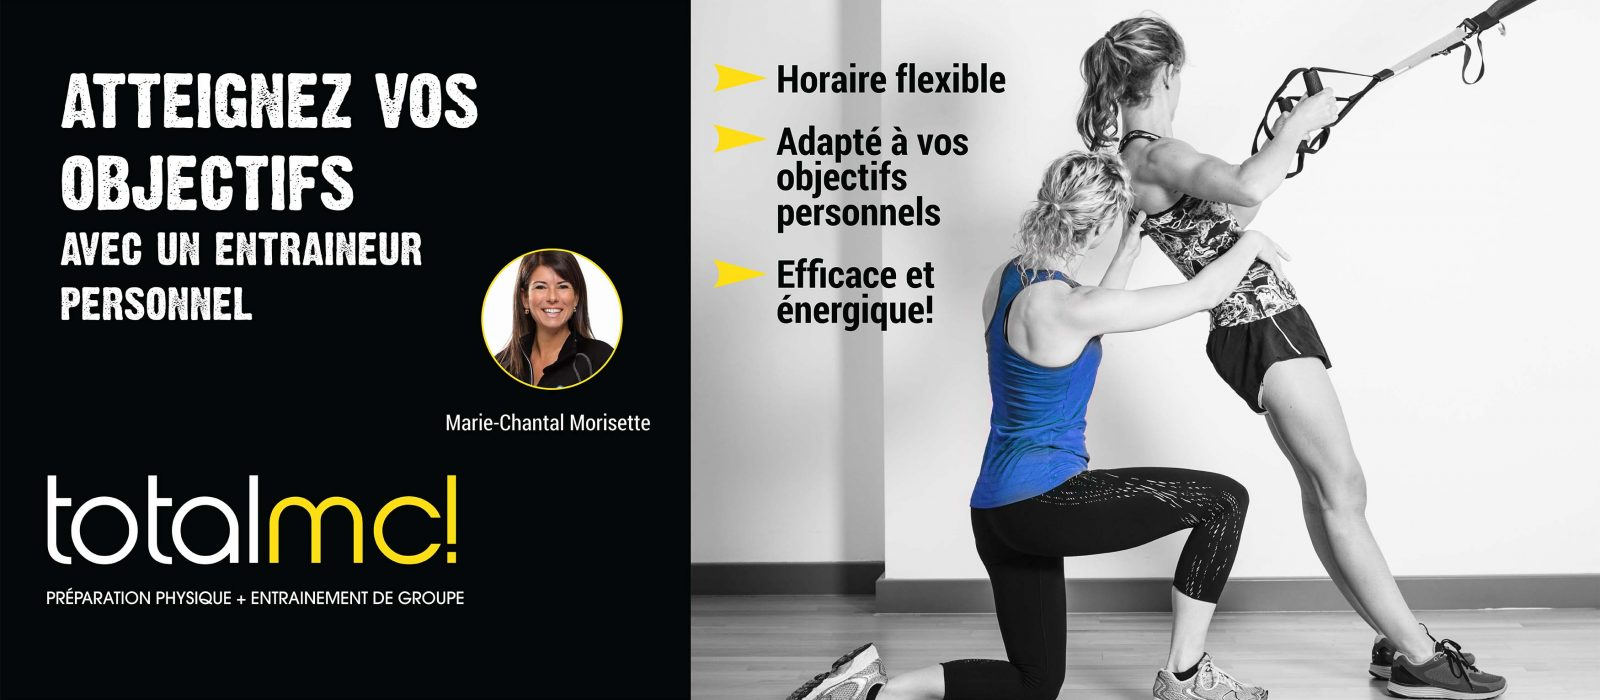 Entraineur personnel Marie-Chantal Morisette